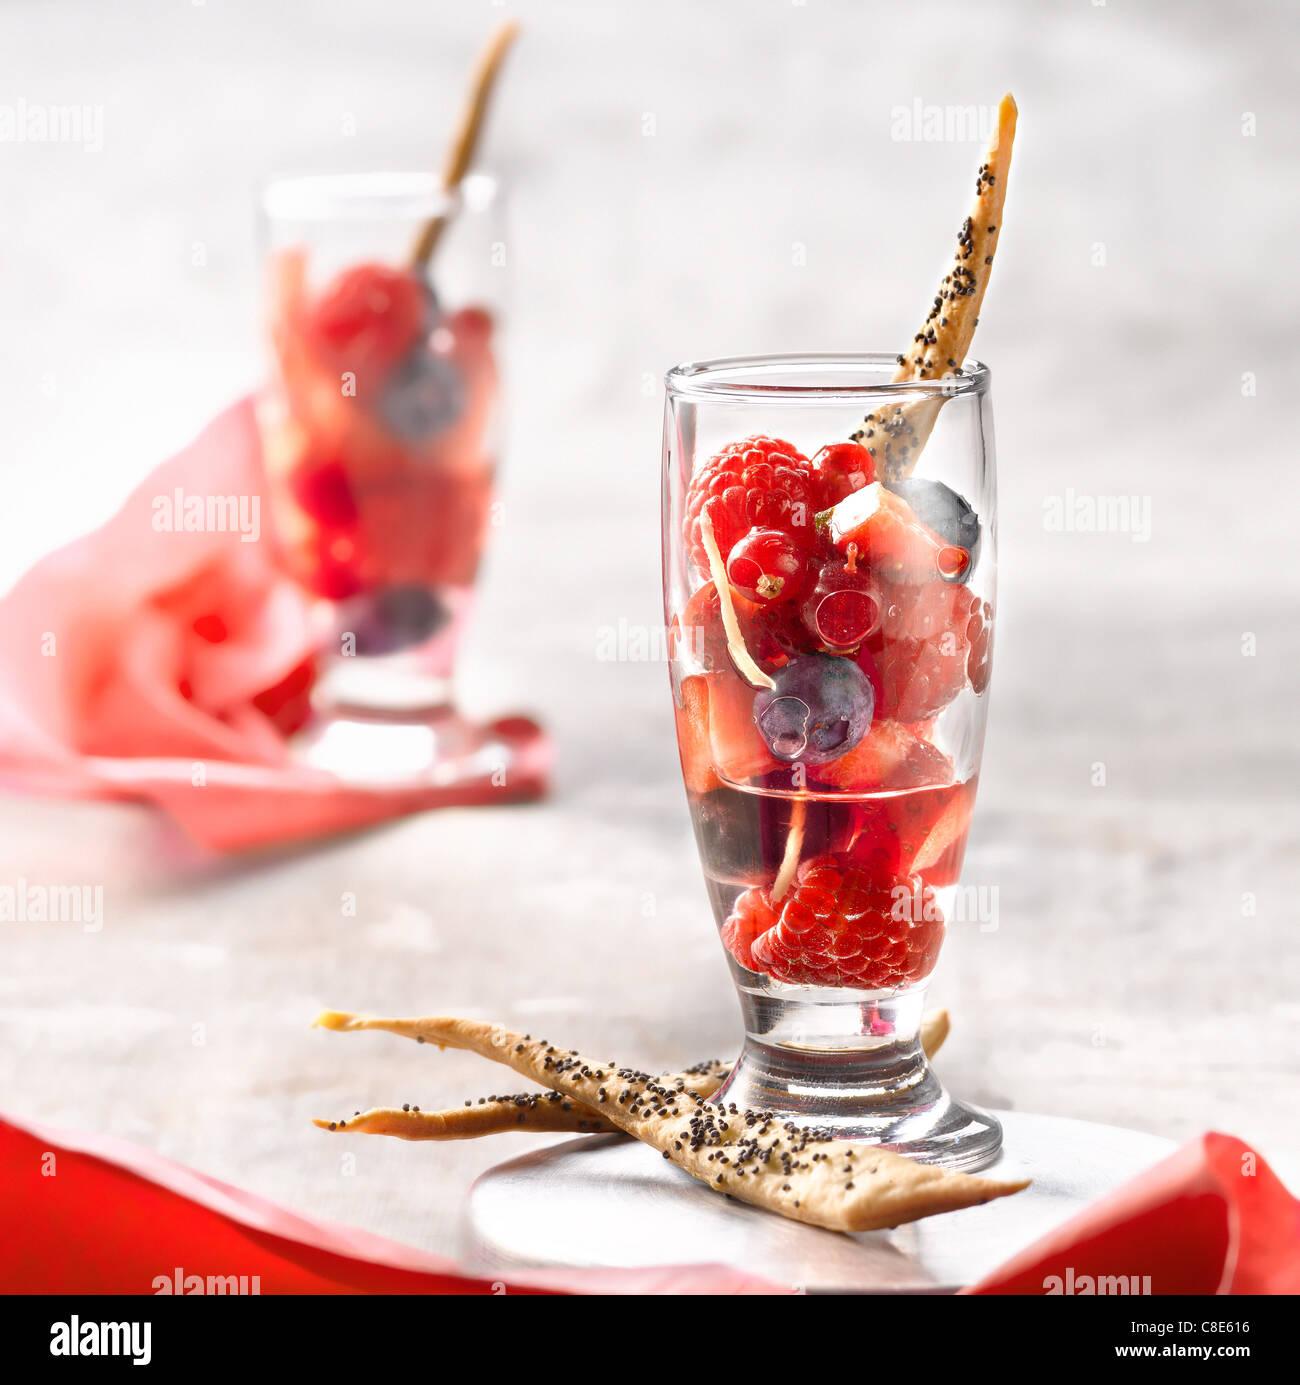 Sommer-Obst-Salat mit Ingwer Stockbild